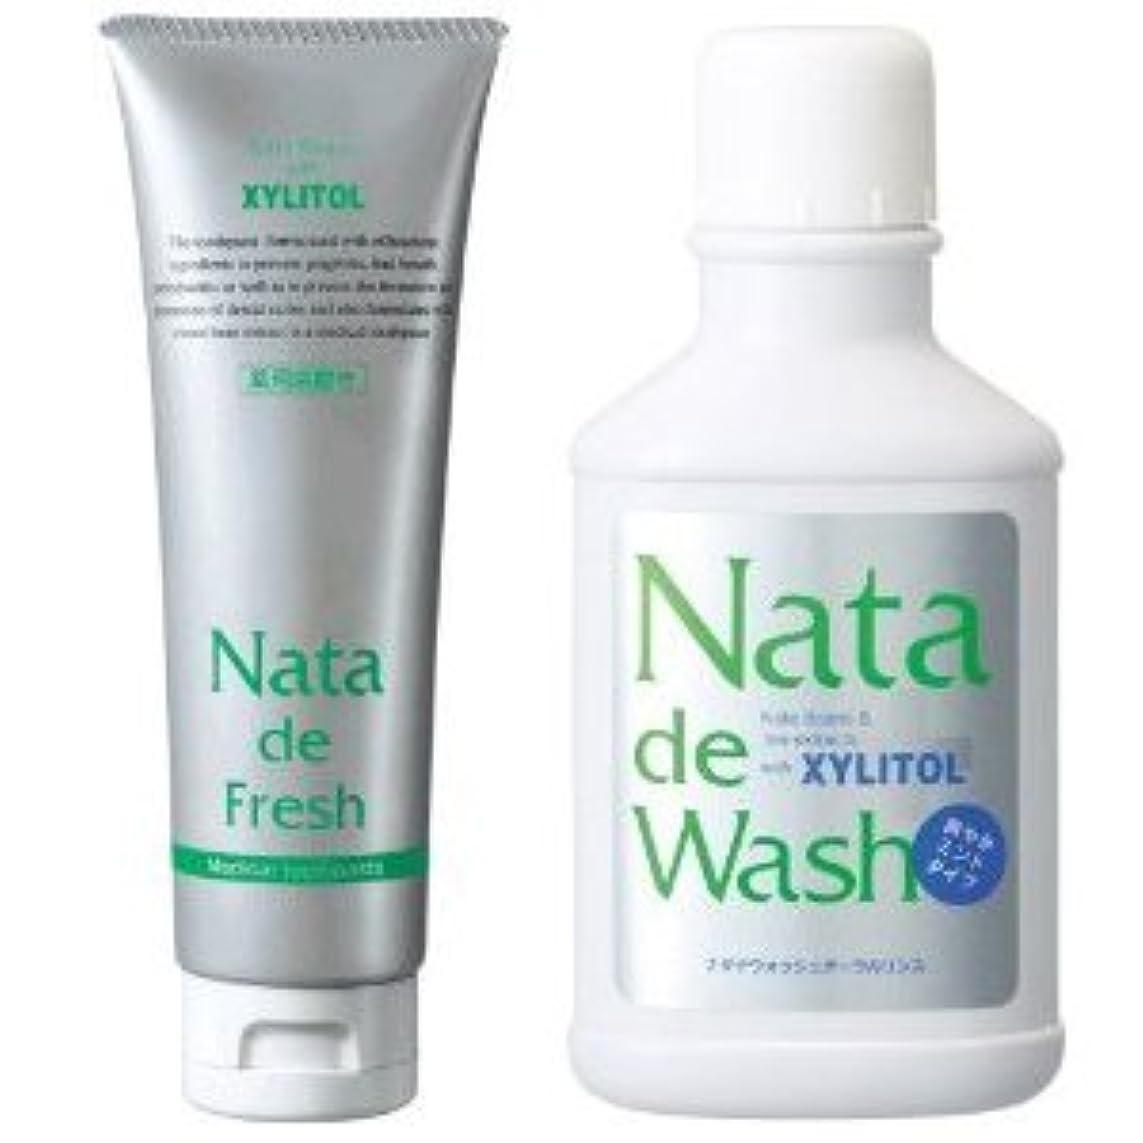 歯甲虫せっかちナタデウォッシュ 口内環境セット 歯磨き+マウスウォッシュ ナタデフレッシュ+ナタデウォッシュ